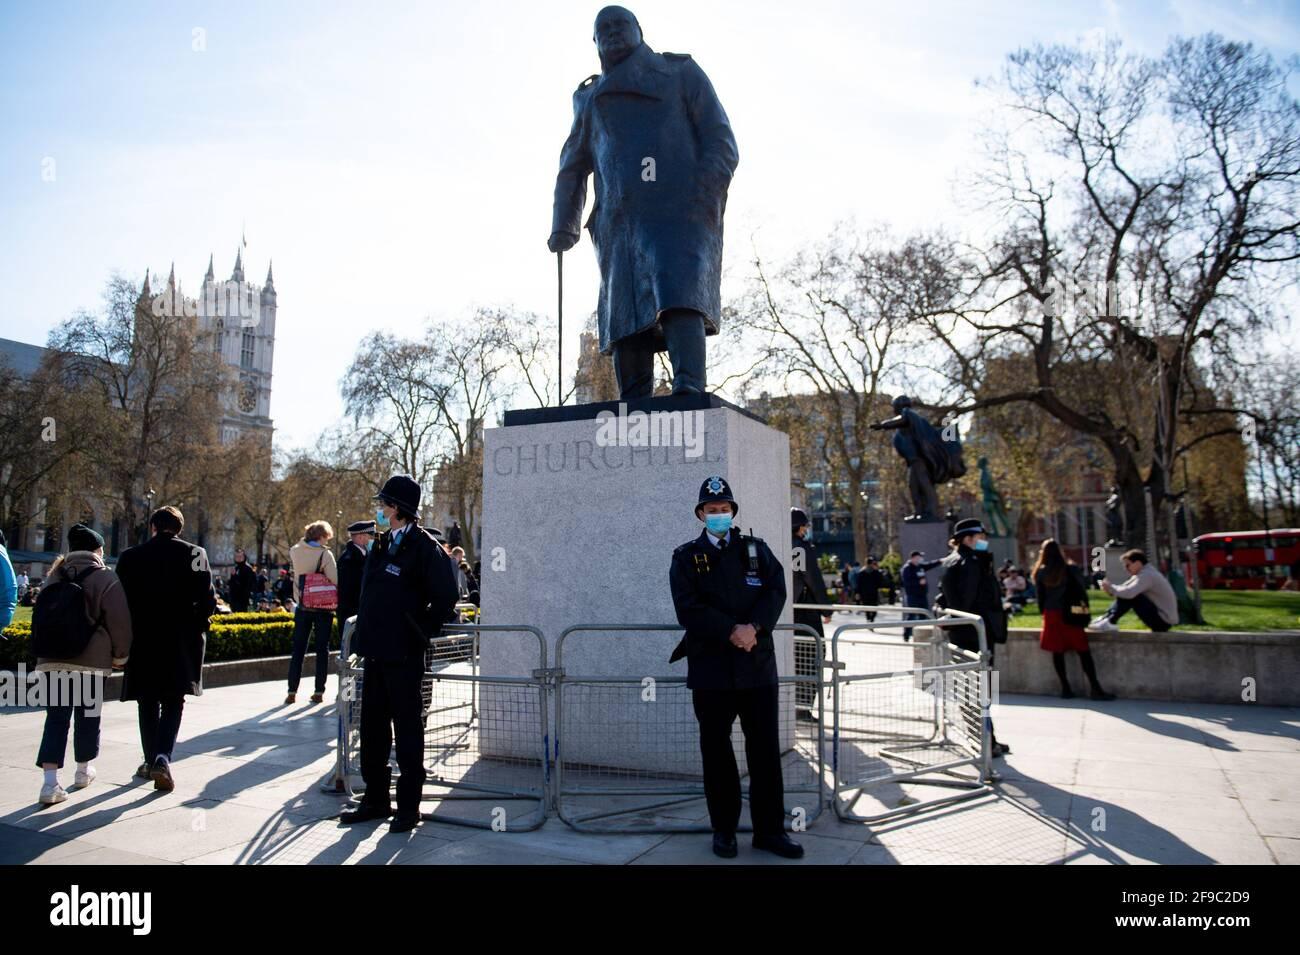 Les policiers se tiennent près d'une statue de Winston Churchill lors d'une manifestation « tuez le projet de loi » contre le projet de loi sur la police, le crime, la peine et les tribunaux sur la place du Parlement, à Londres. Date de la photo: Samedi 17 avril 2021. Banque D'Images